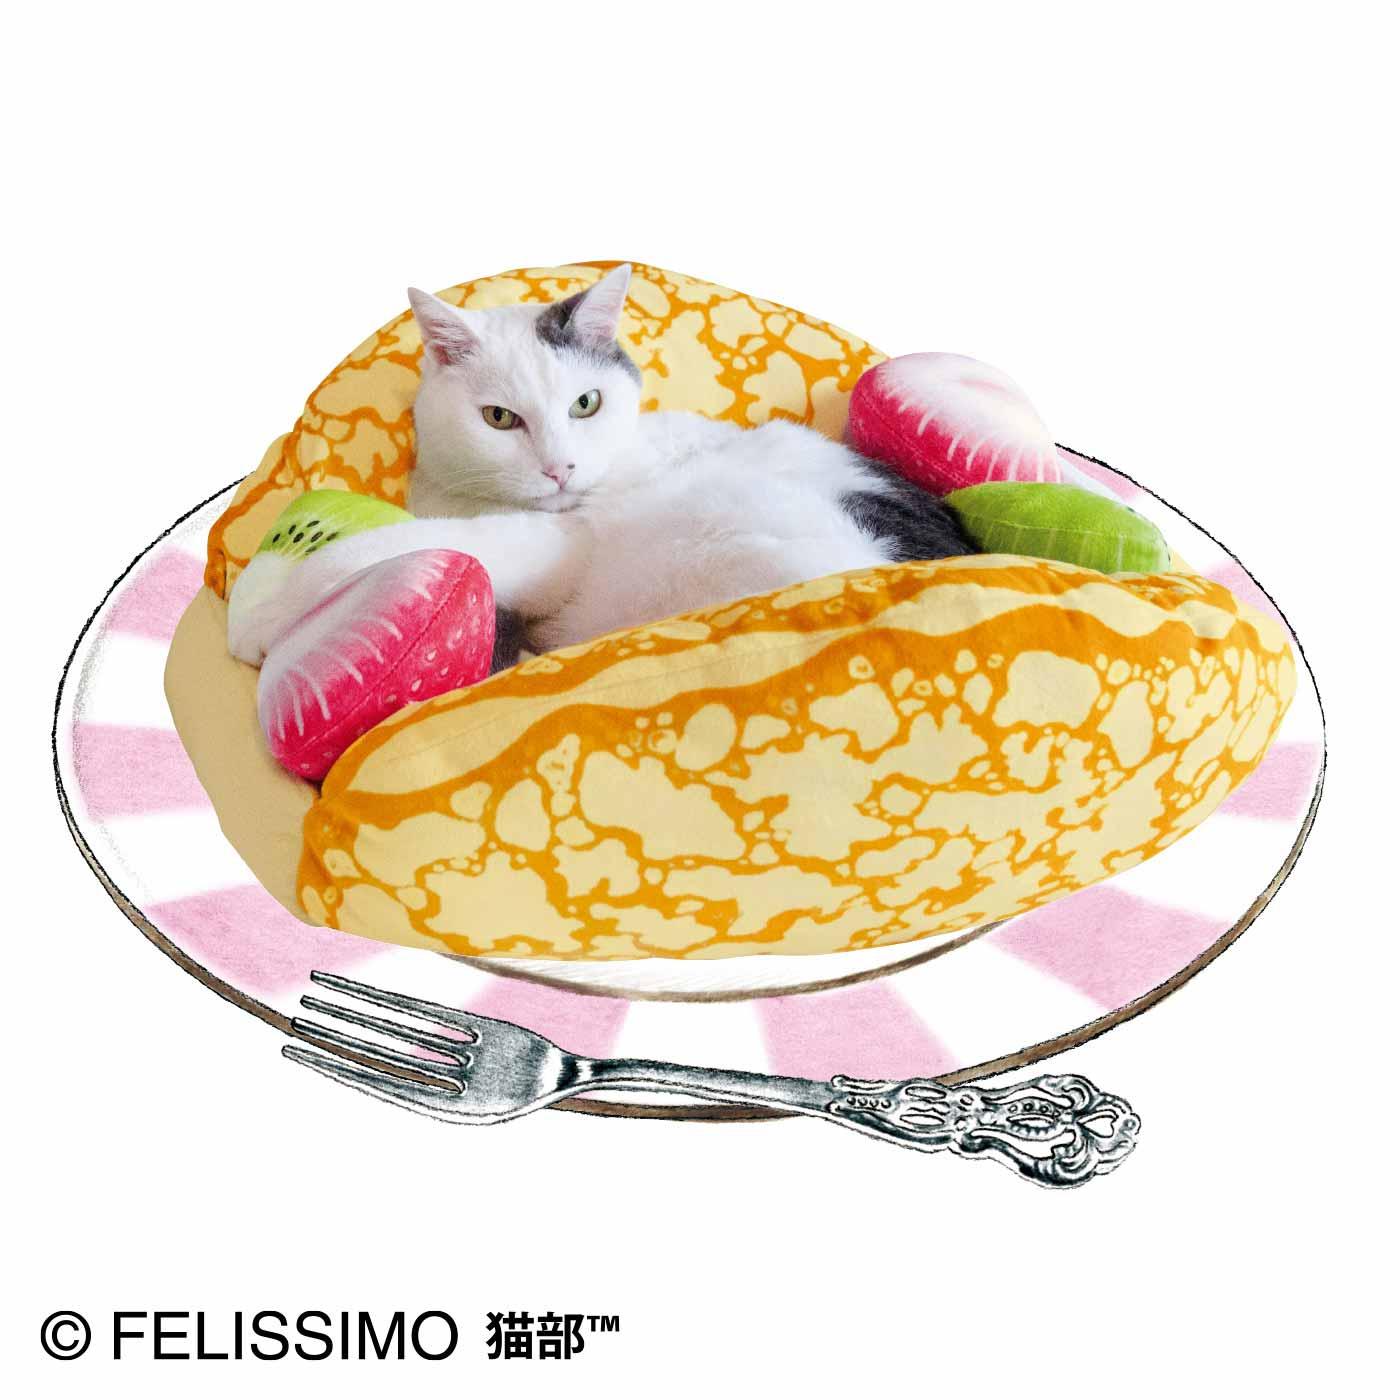 モデル猫:いくら(オス6kg)